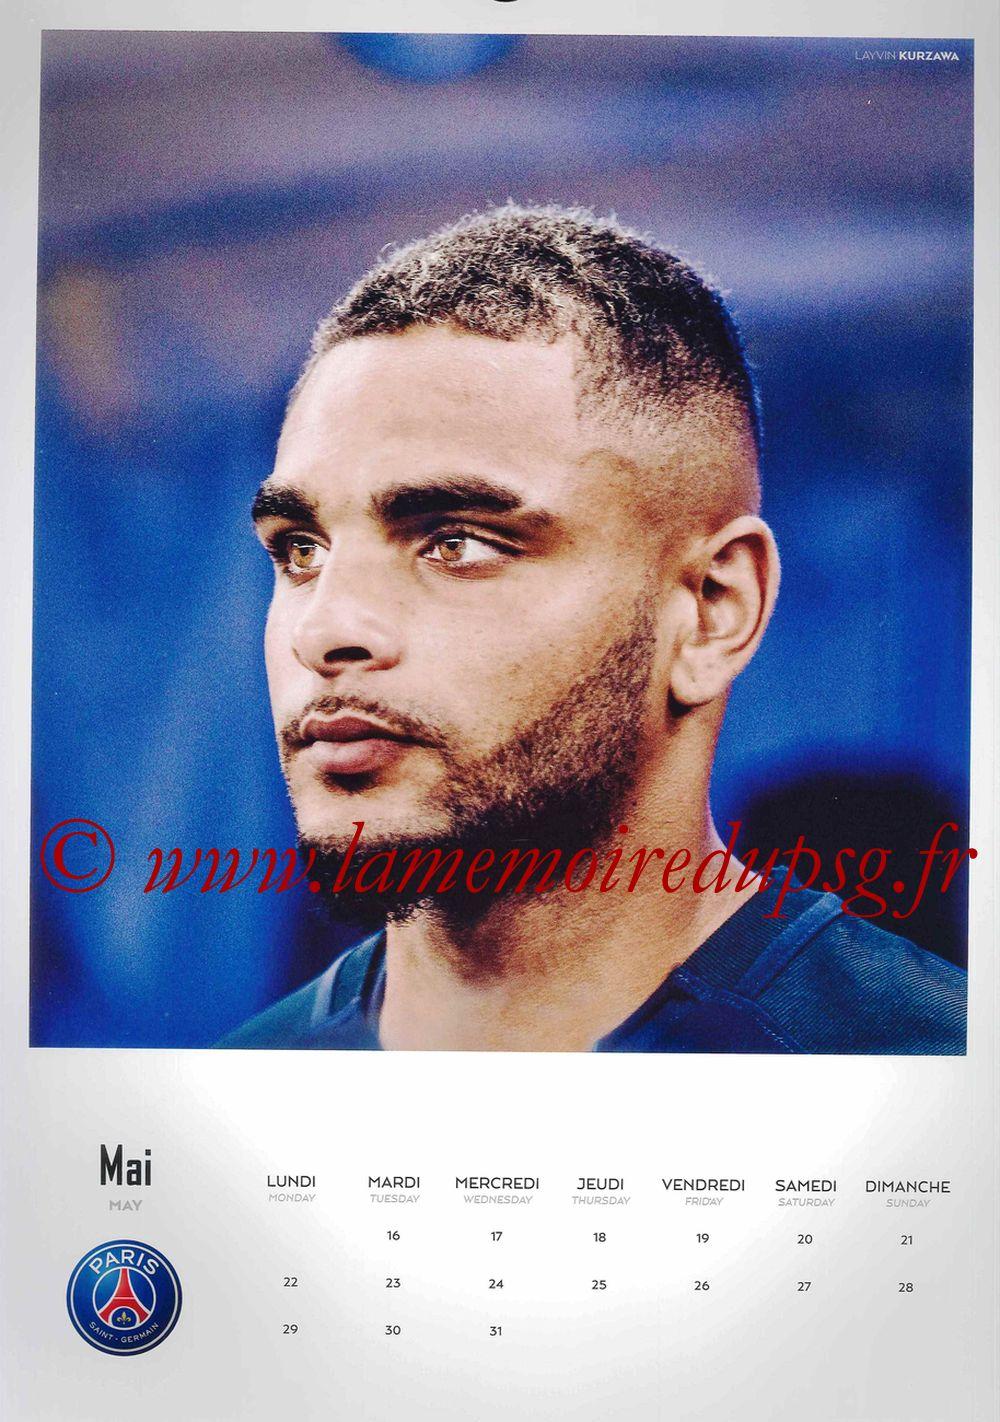 Calendrier PSG 2017 - Page 10 - Layvin KURZAWA